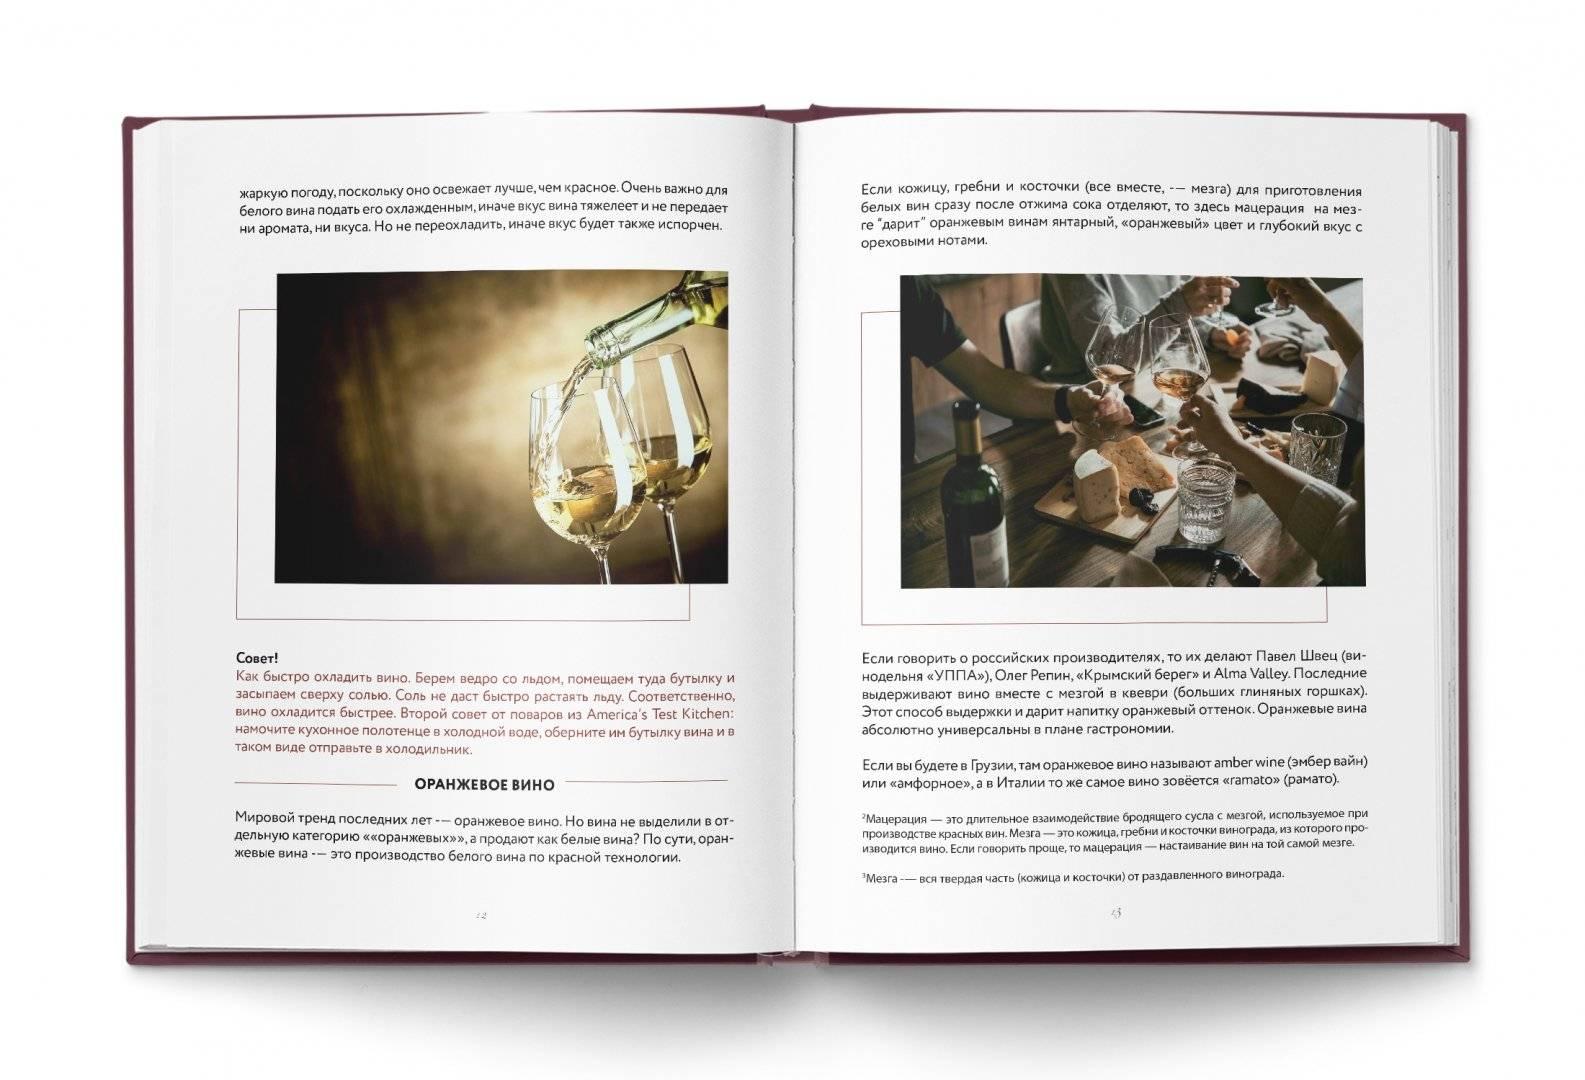 Как разбираться в вине: от цвета и вкуса до технологий производства